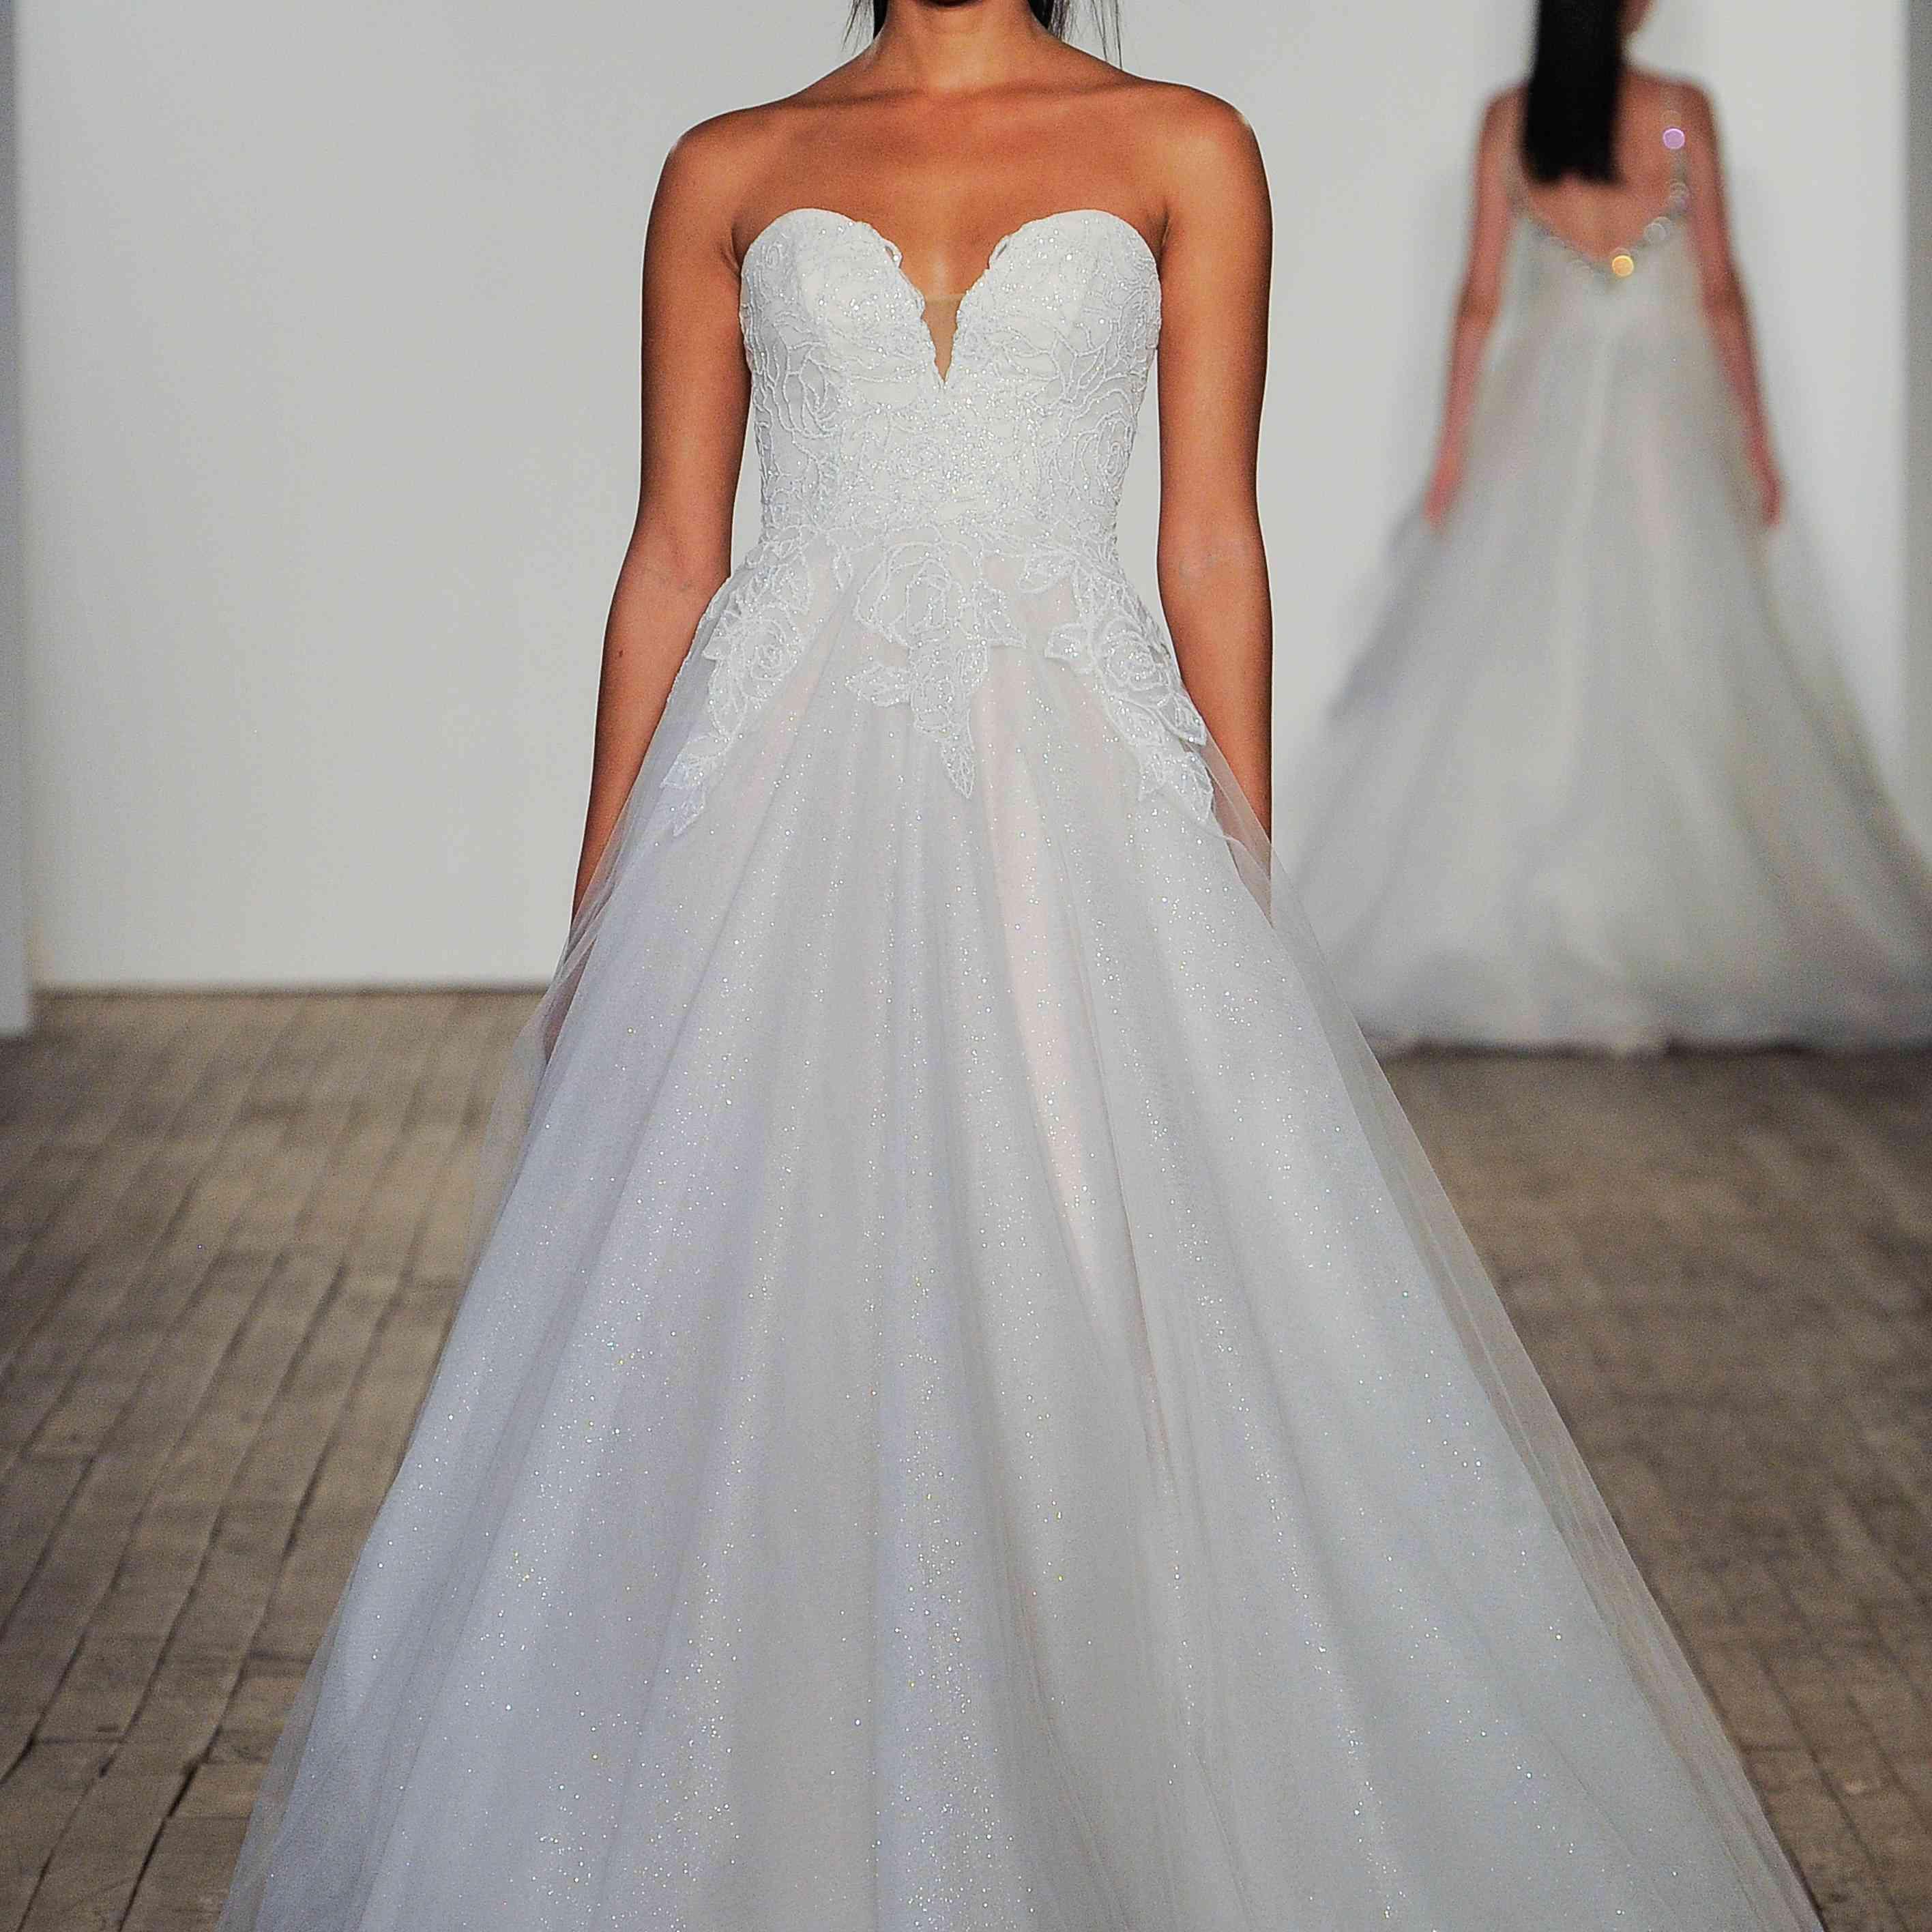 Wynn Blush by Hayley Paige Wedding Dress